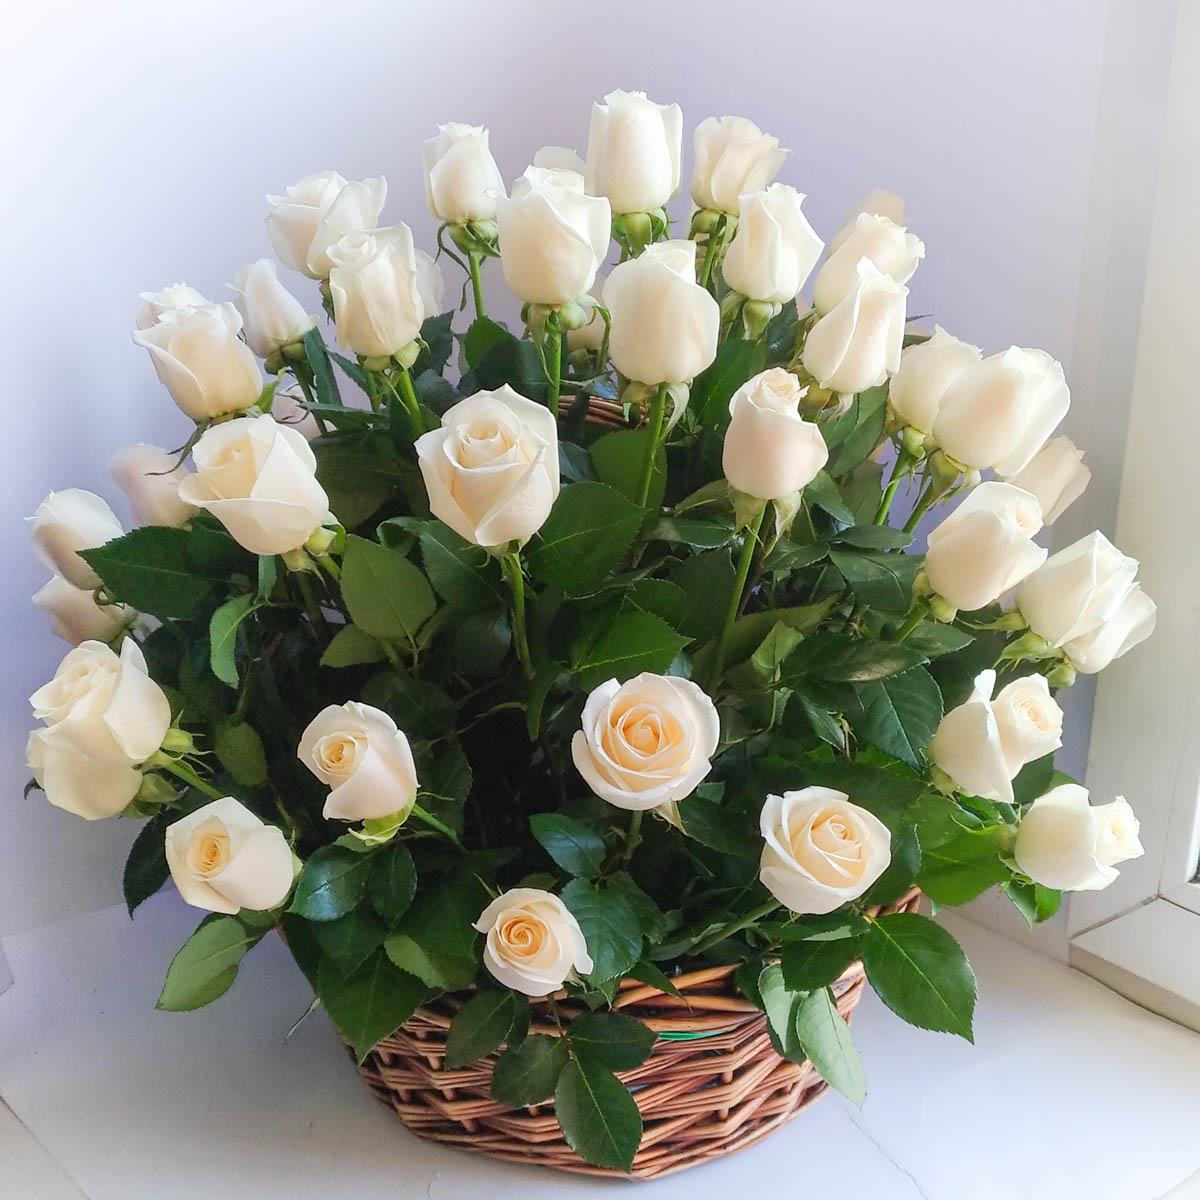 легко фото открытку из белых роз букет красивый годы второй мировой